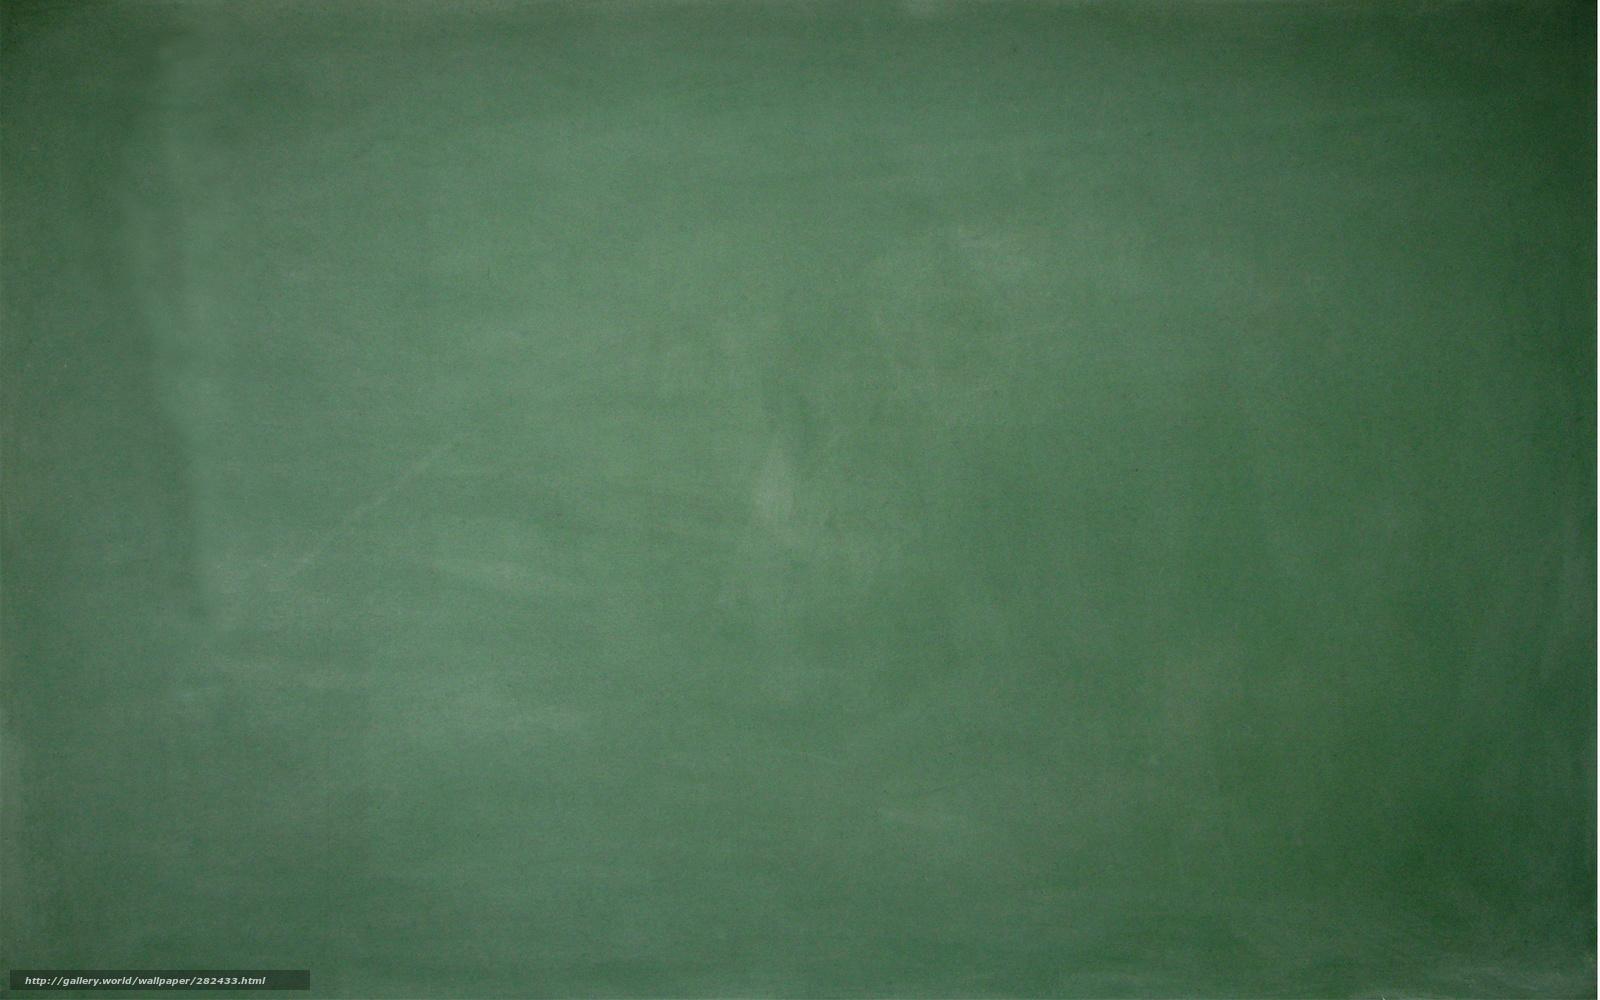 Descargar gratis tablero verde sucio fondos de escritorio en la resolucin 1920x1200 imagen - Tablero escritorio ...